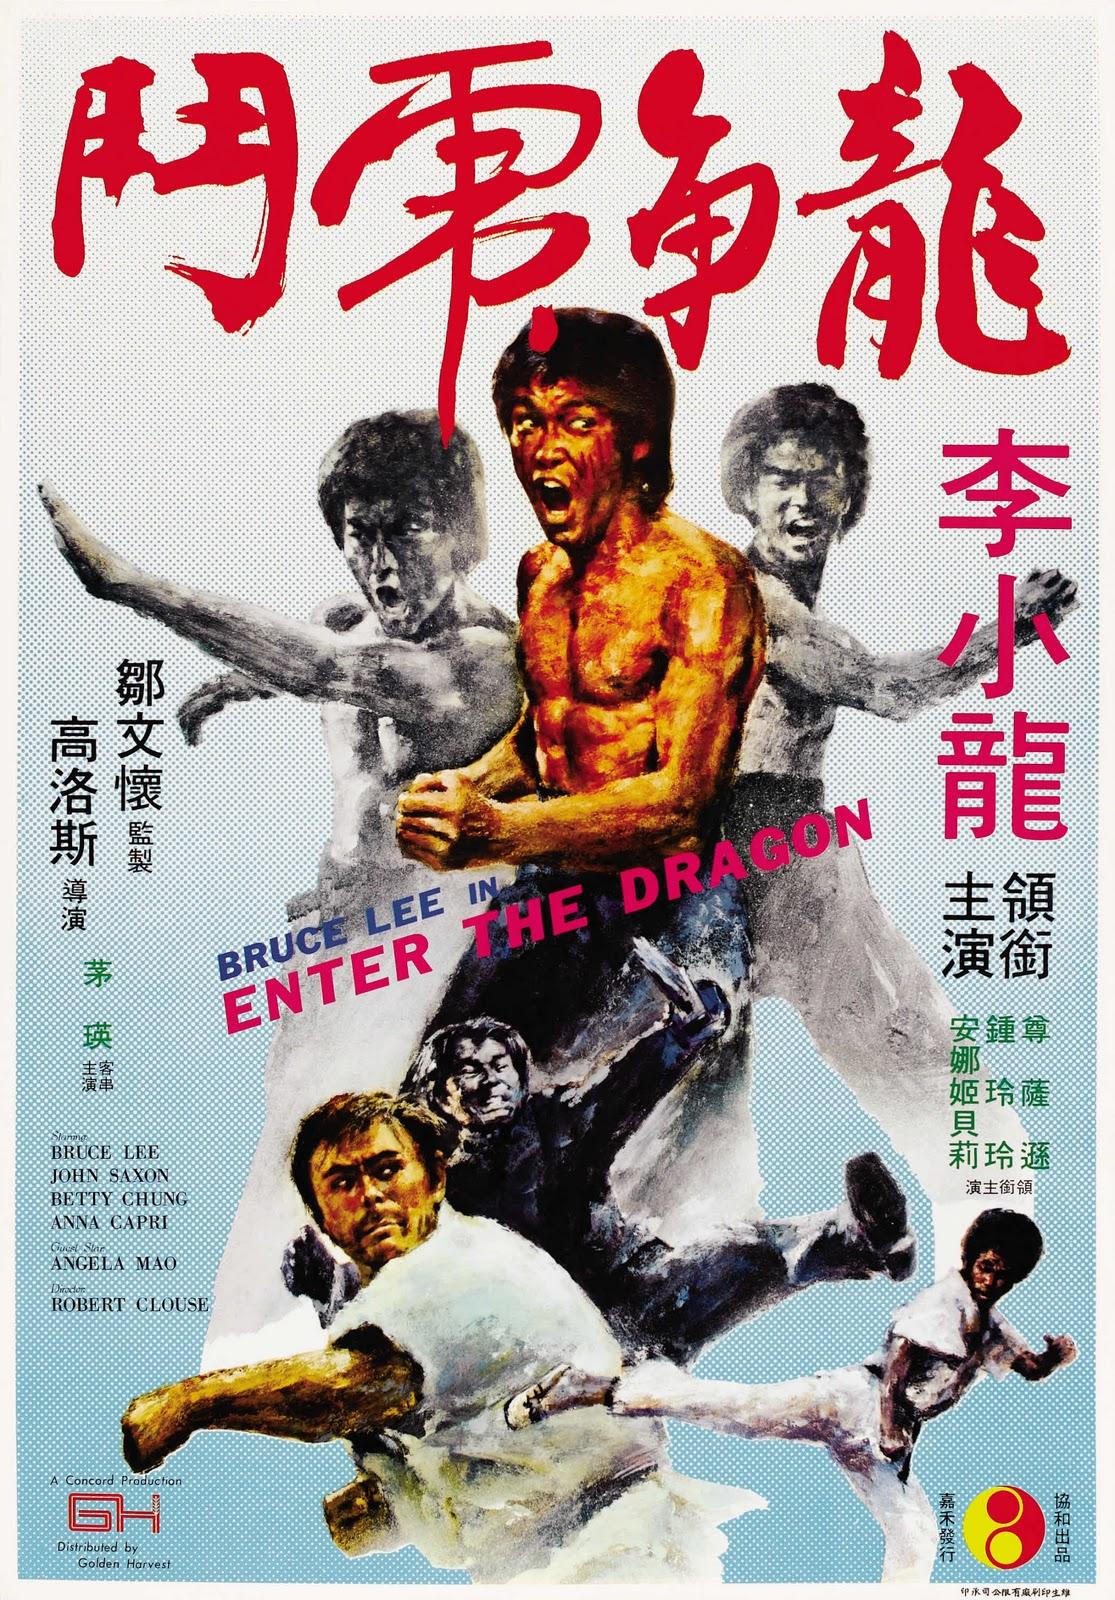 Rip Jaggeru0026#39;s Dojo: Enter The Dragon!